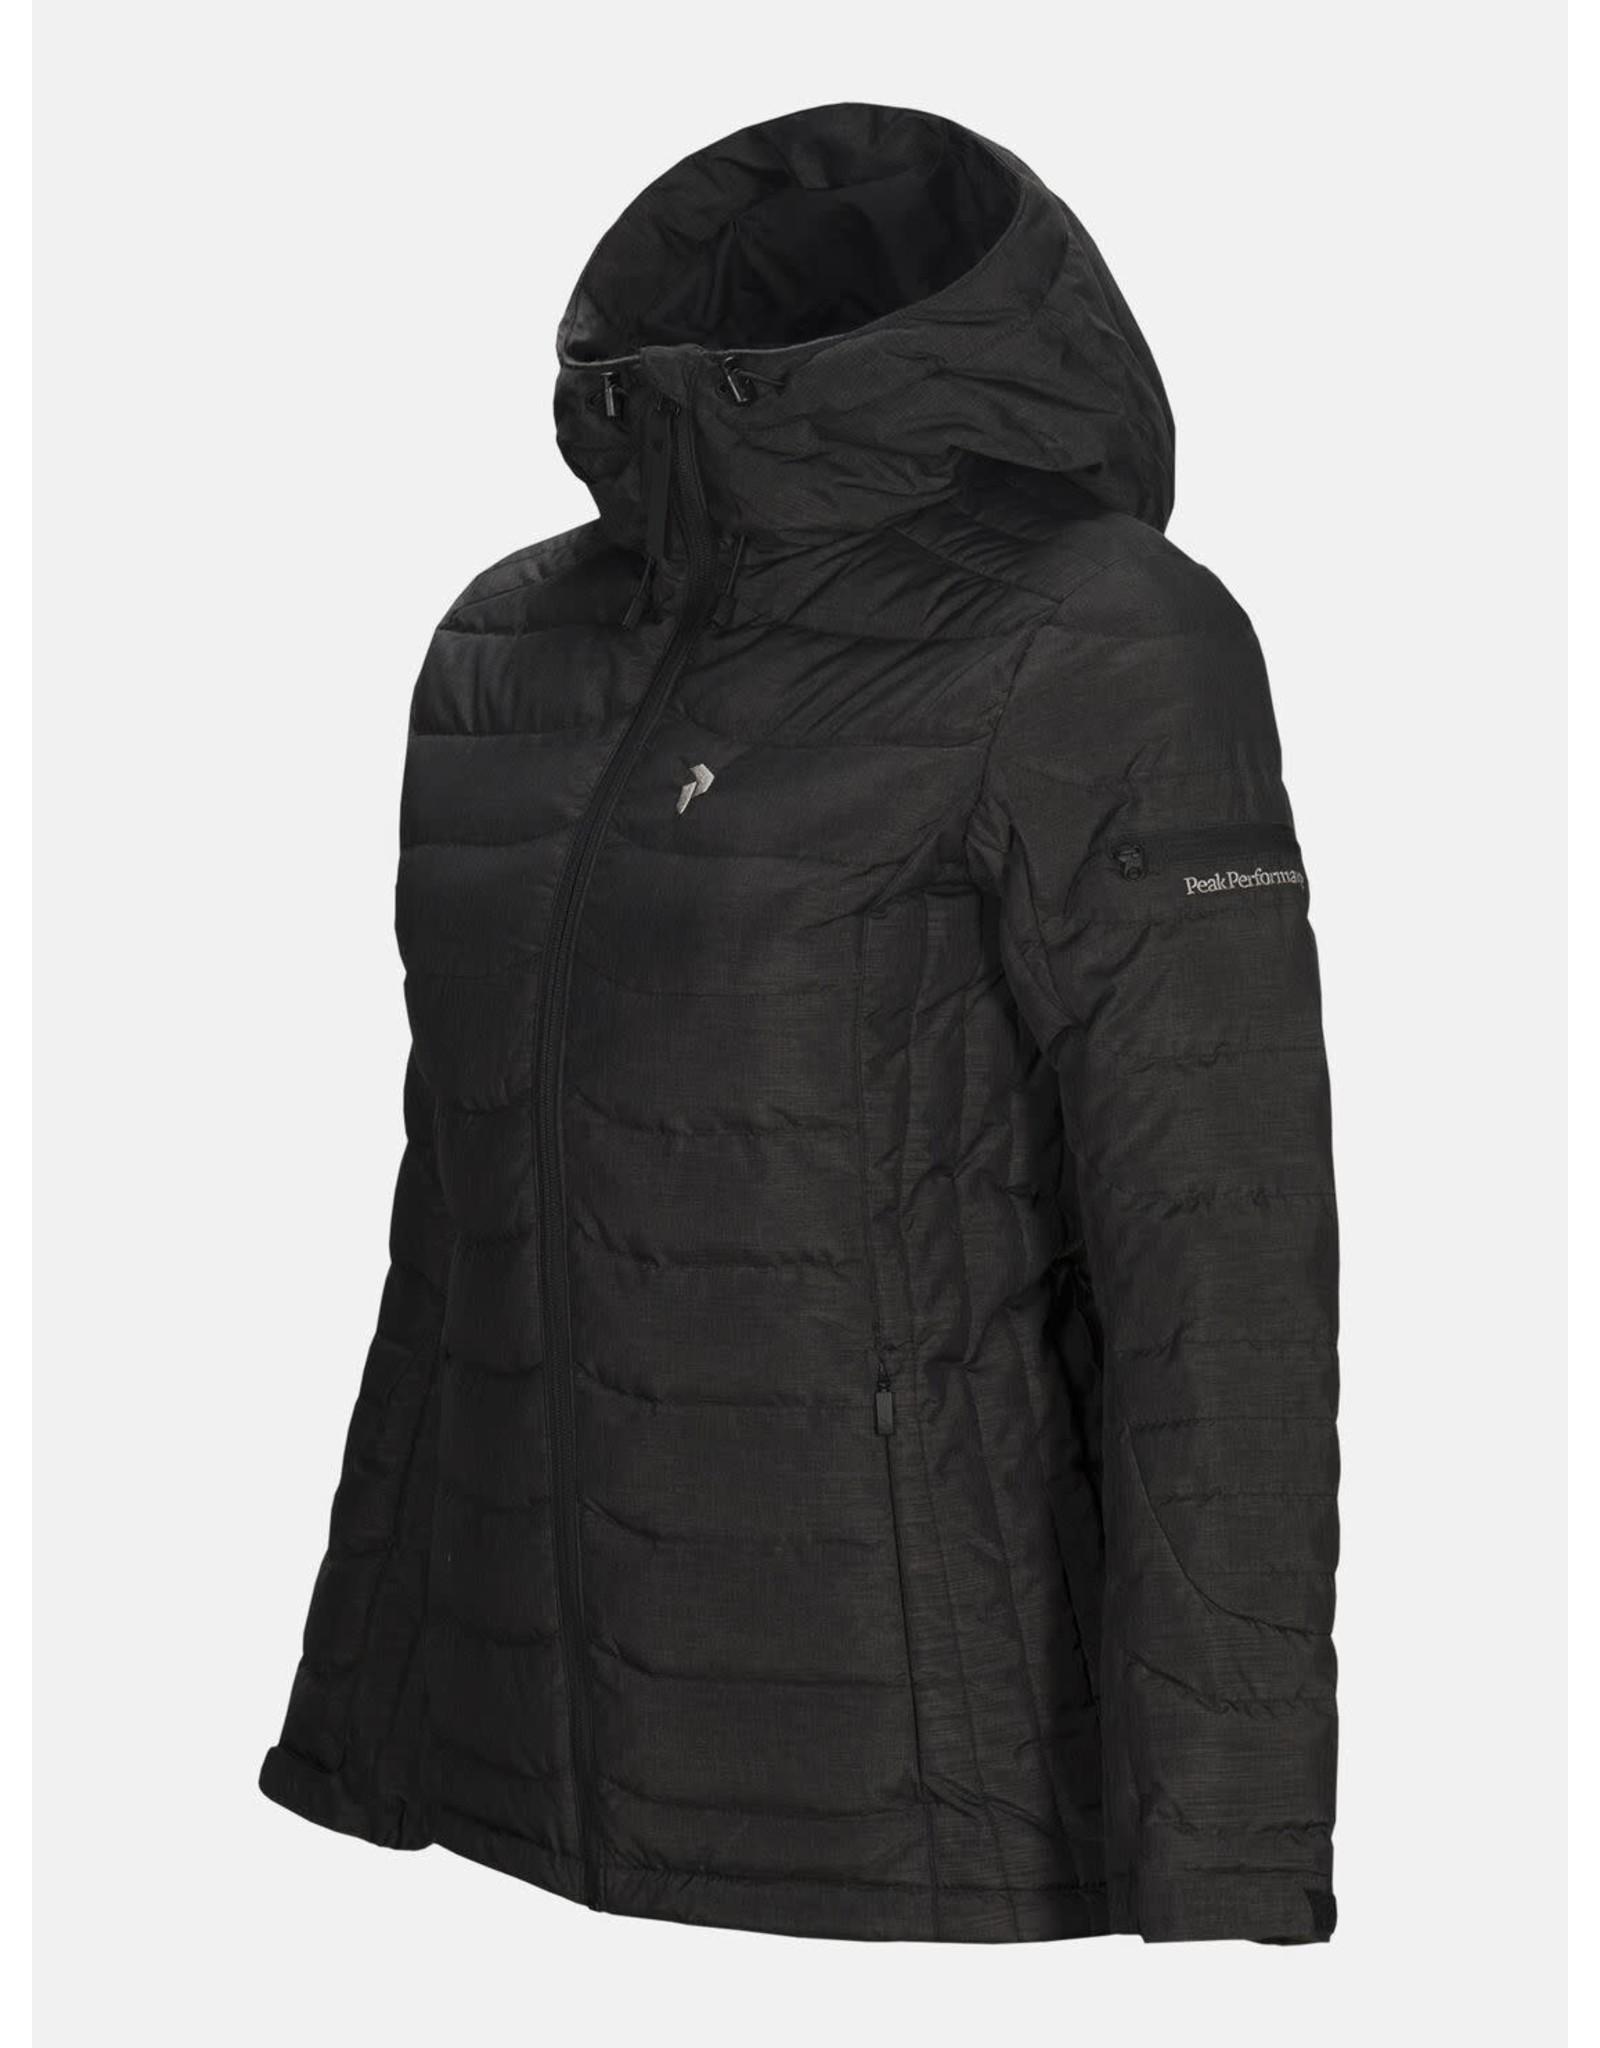 Peak Performance Blackburn Jacket Black